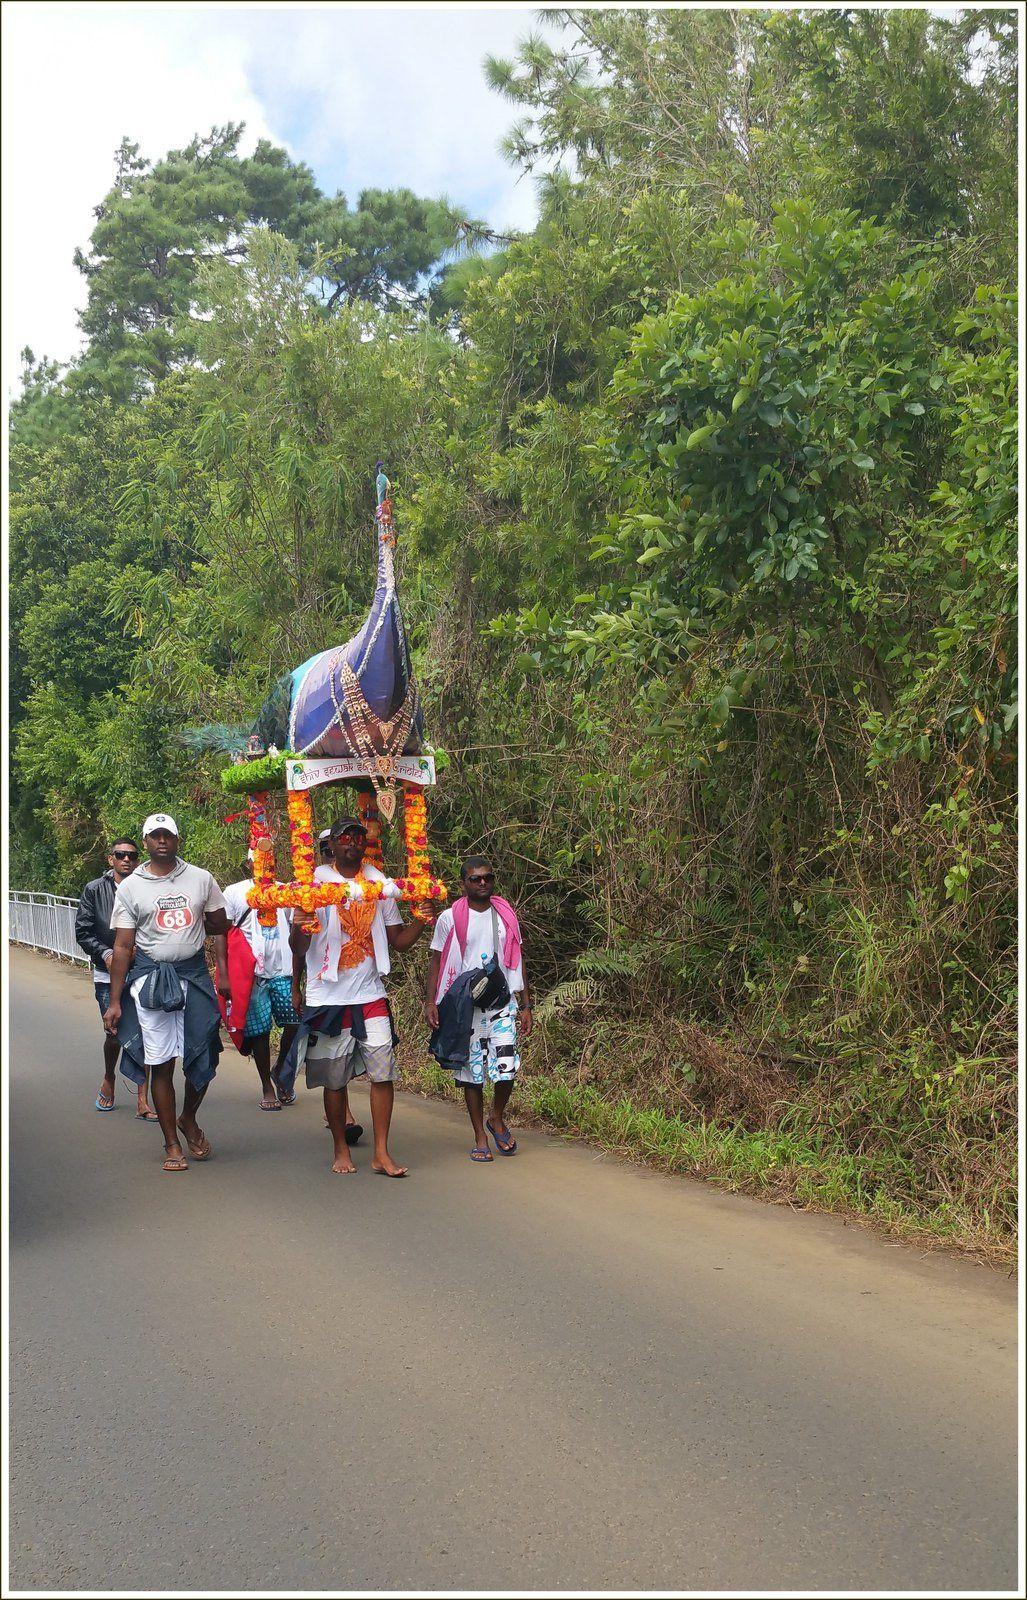 289 - Île Maurice 23ème MAHA SHIVARATREE 2017 Des centaines de milliers de pélerins se rendent à pied de toutes les régions de l'île vers Grand-Bassin pour le culte de Shiva. Quelques photos prises le 23/02/17 en se baladant sur les routes de Mauritius